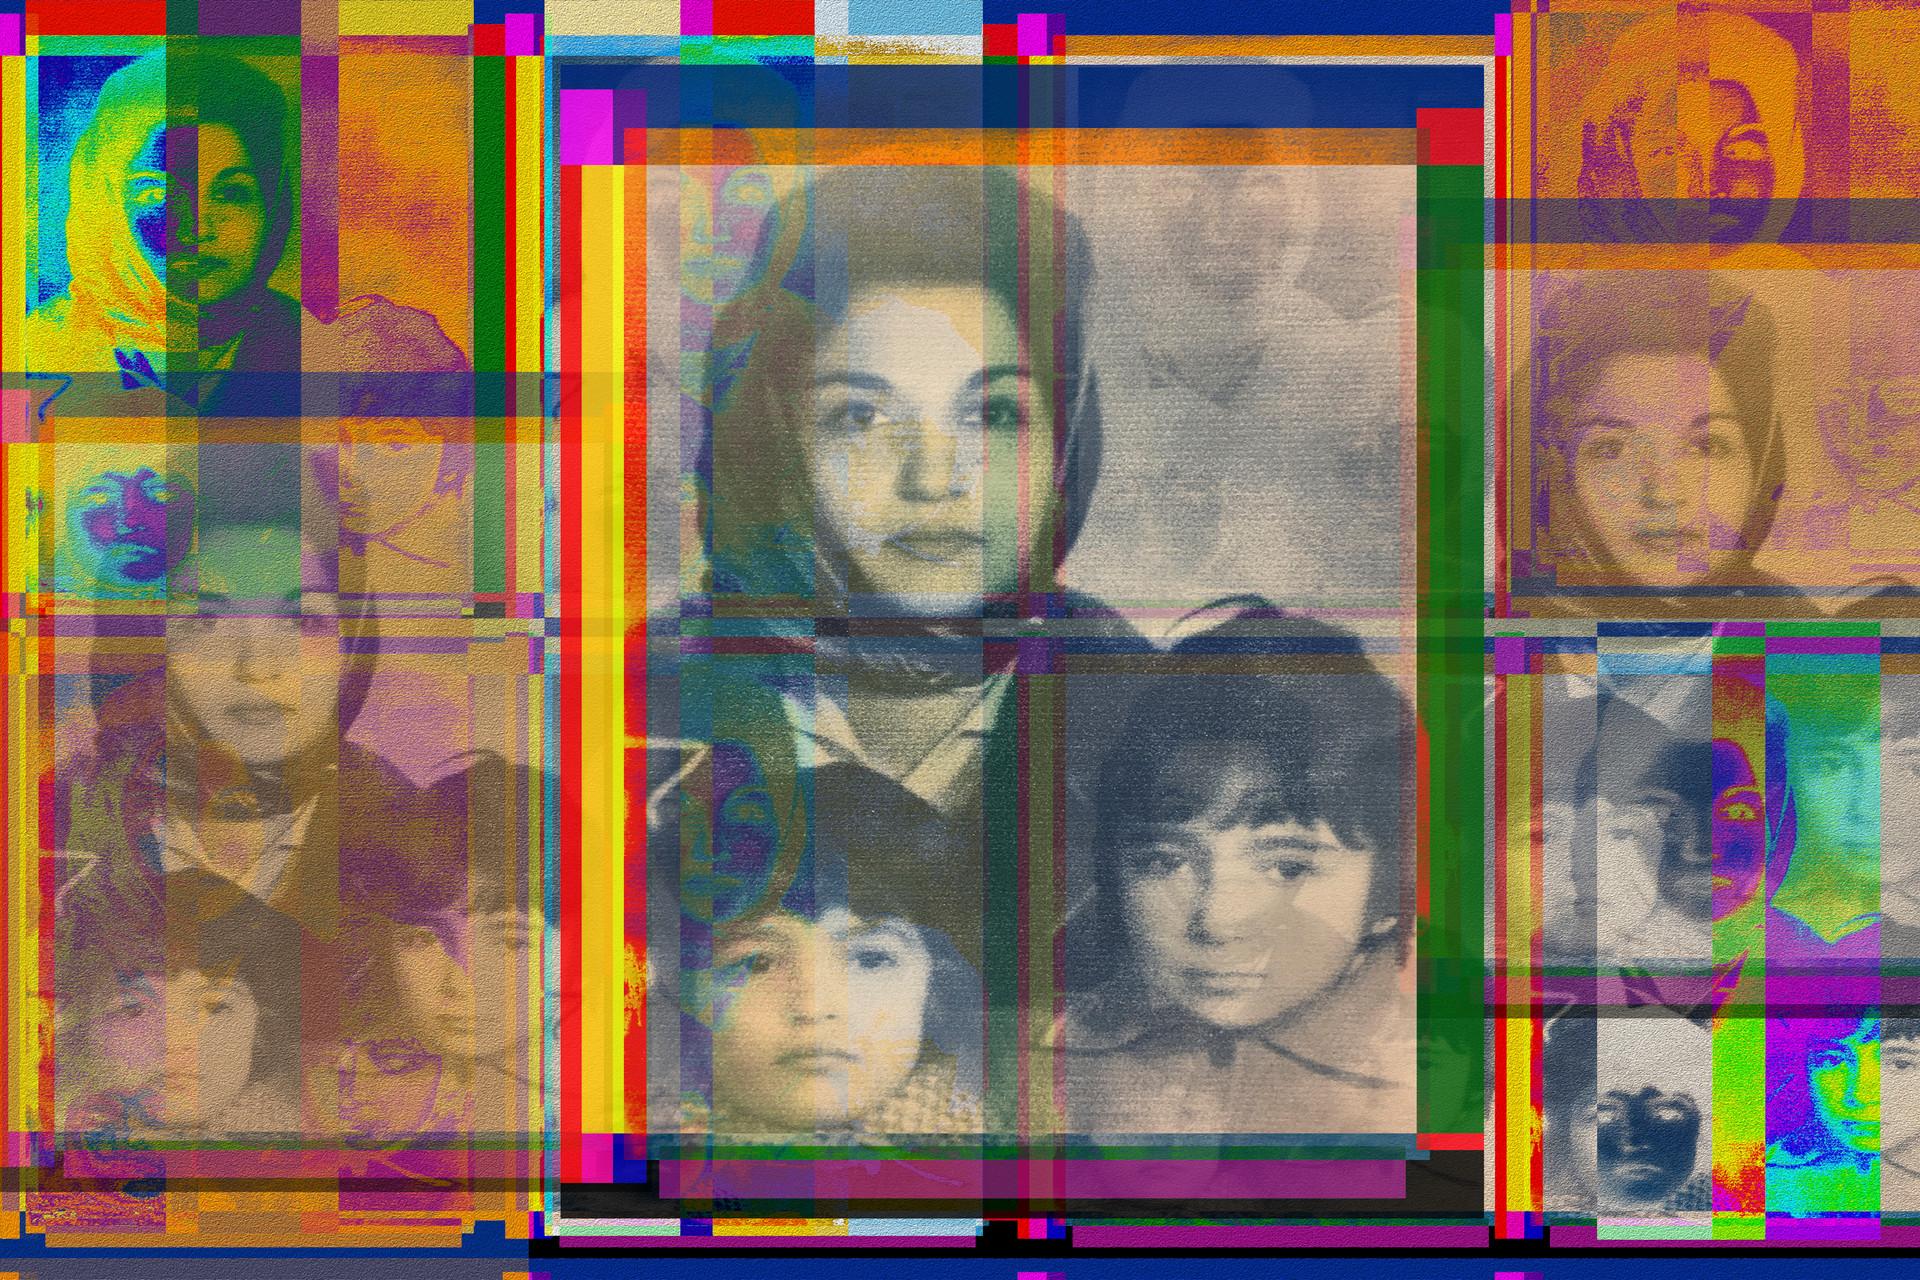 Nejat's Family